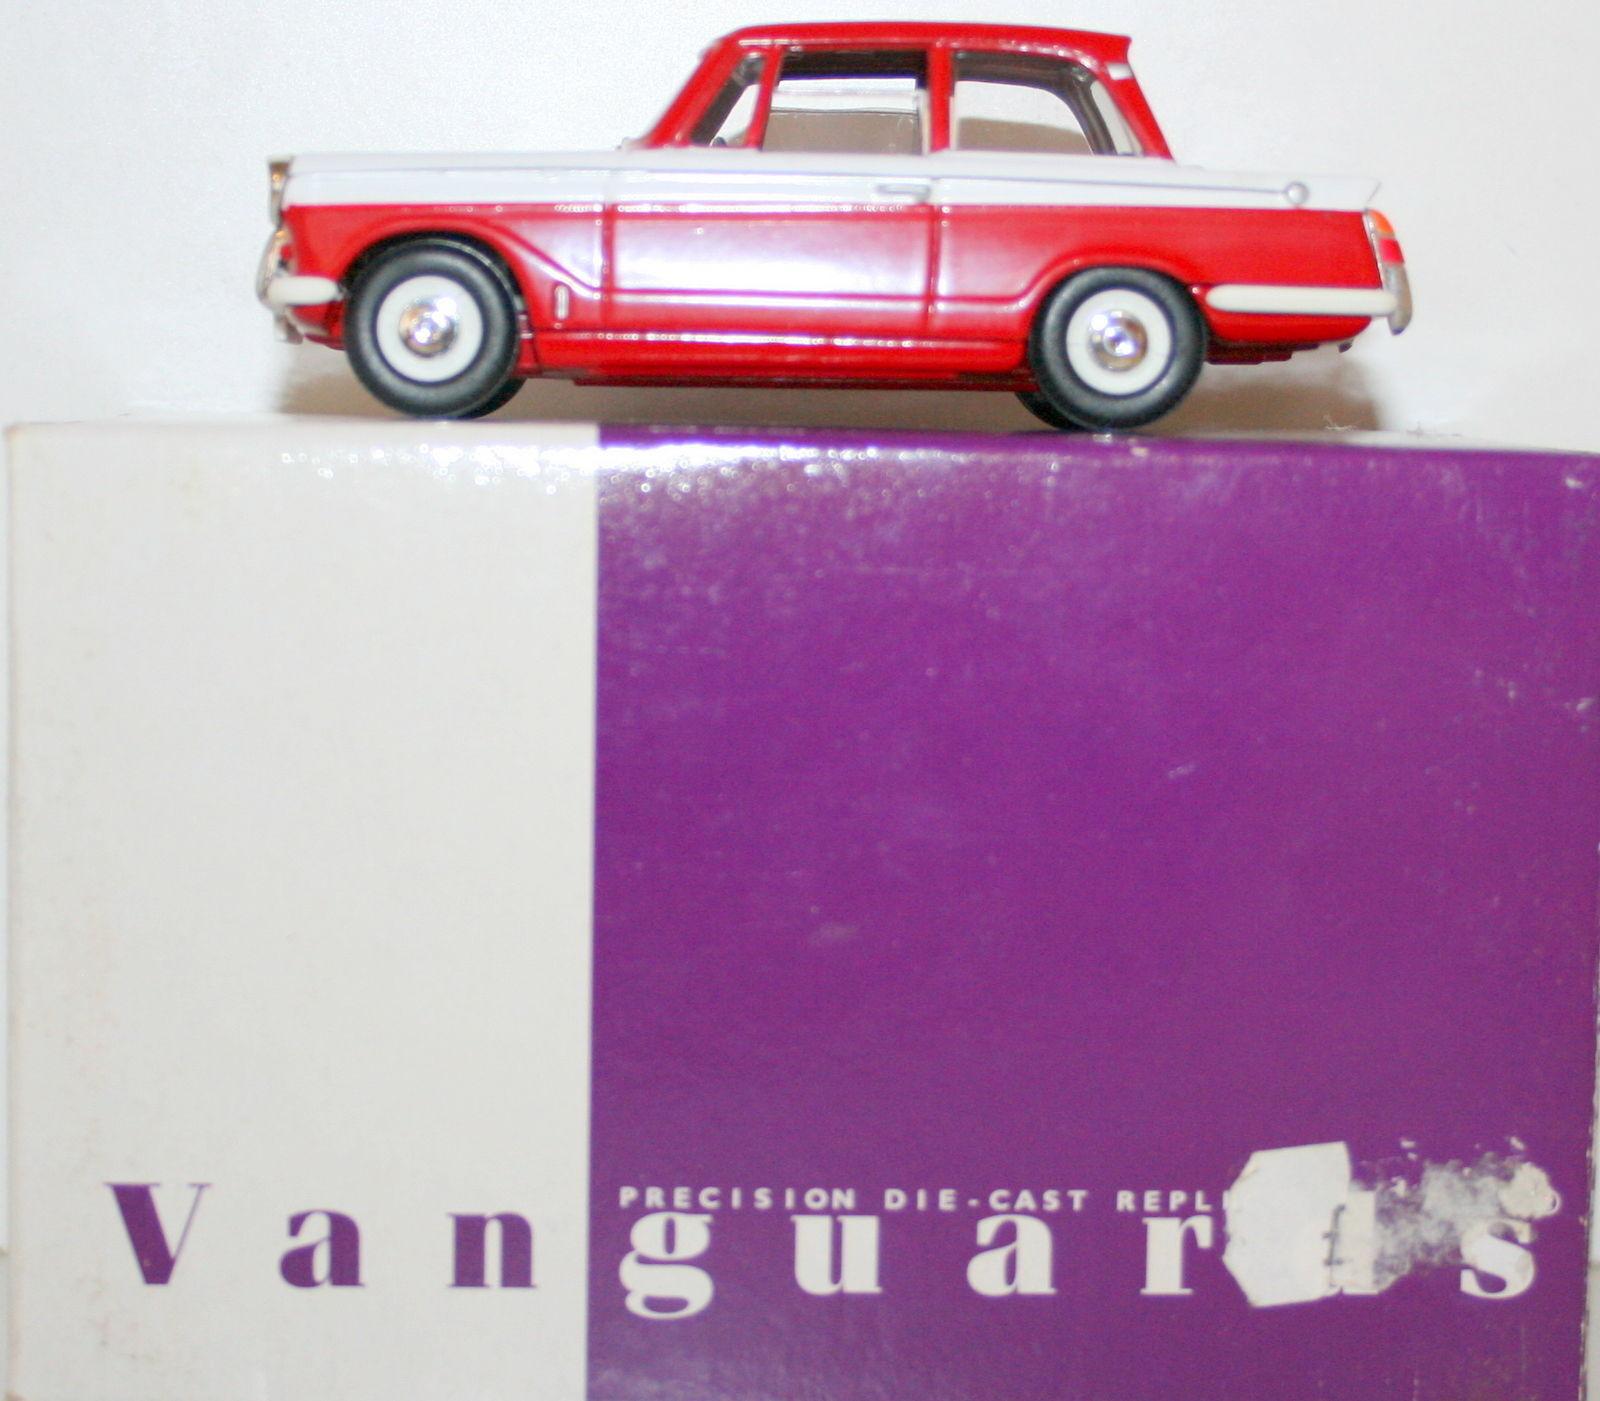 Vanguards 1/43 VA00513 Rojo Rojo Rojo Y Blanco Triumph Herald a4f74c